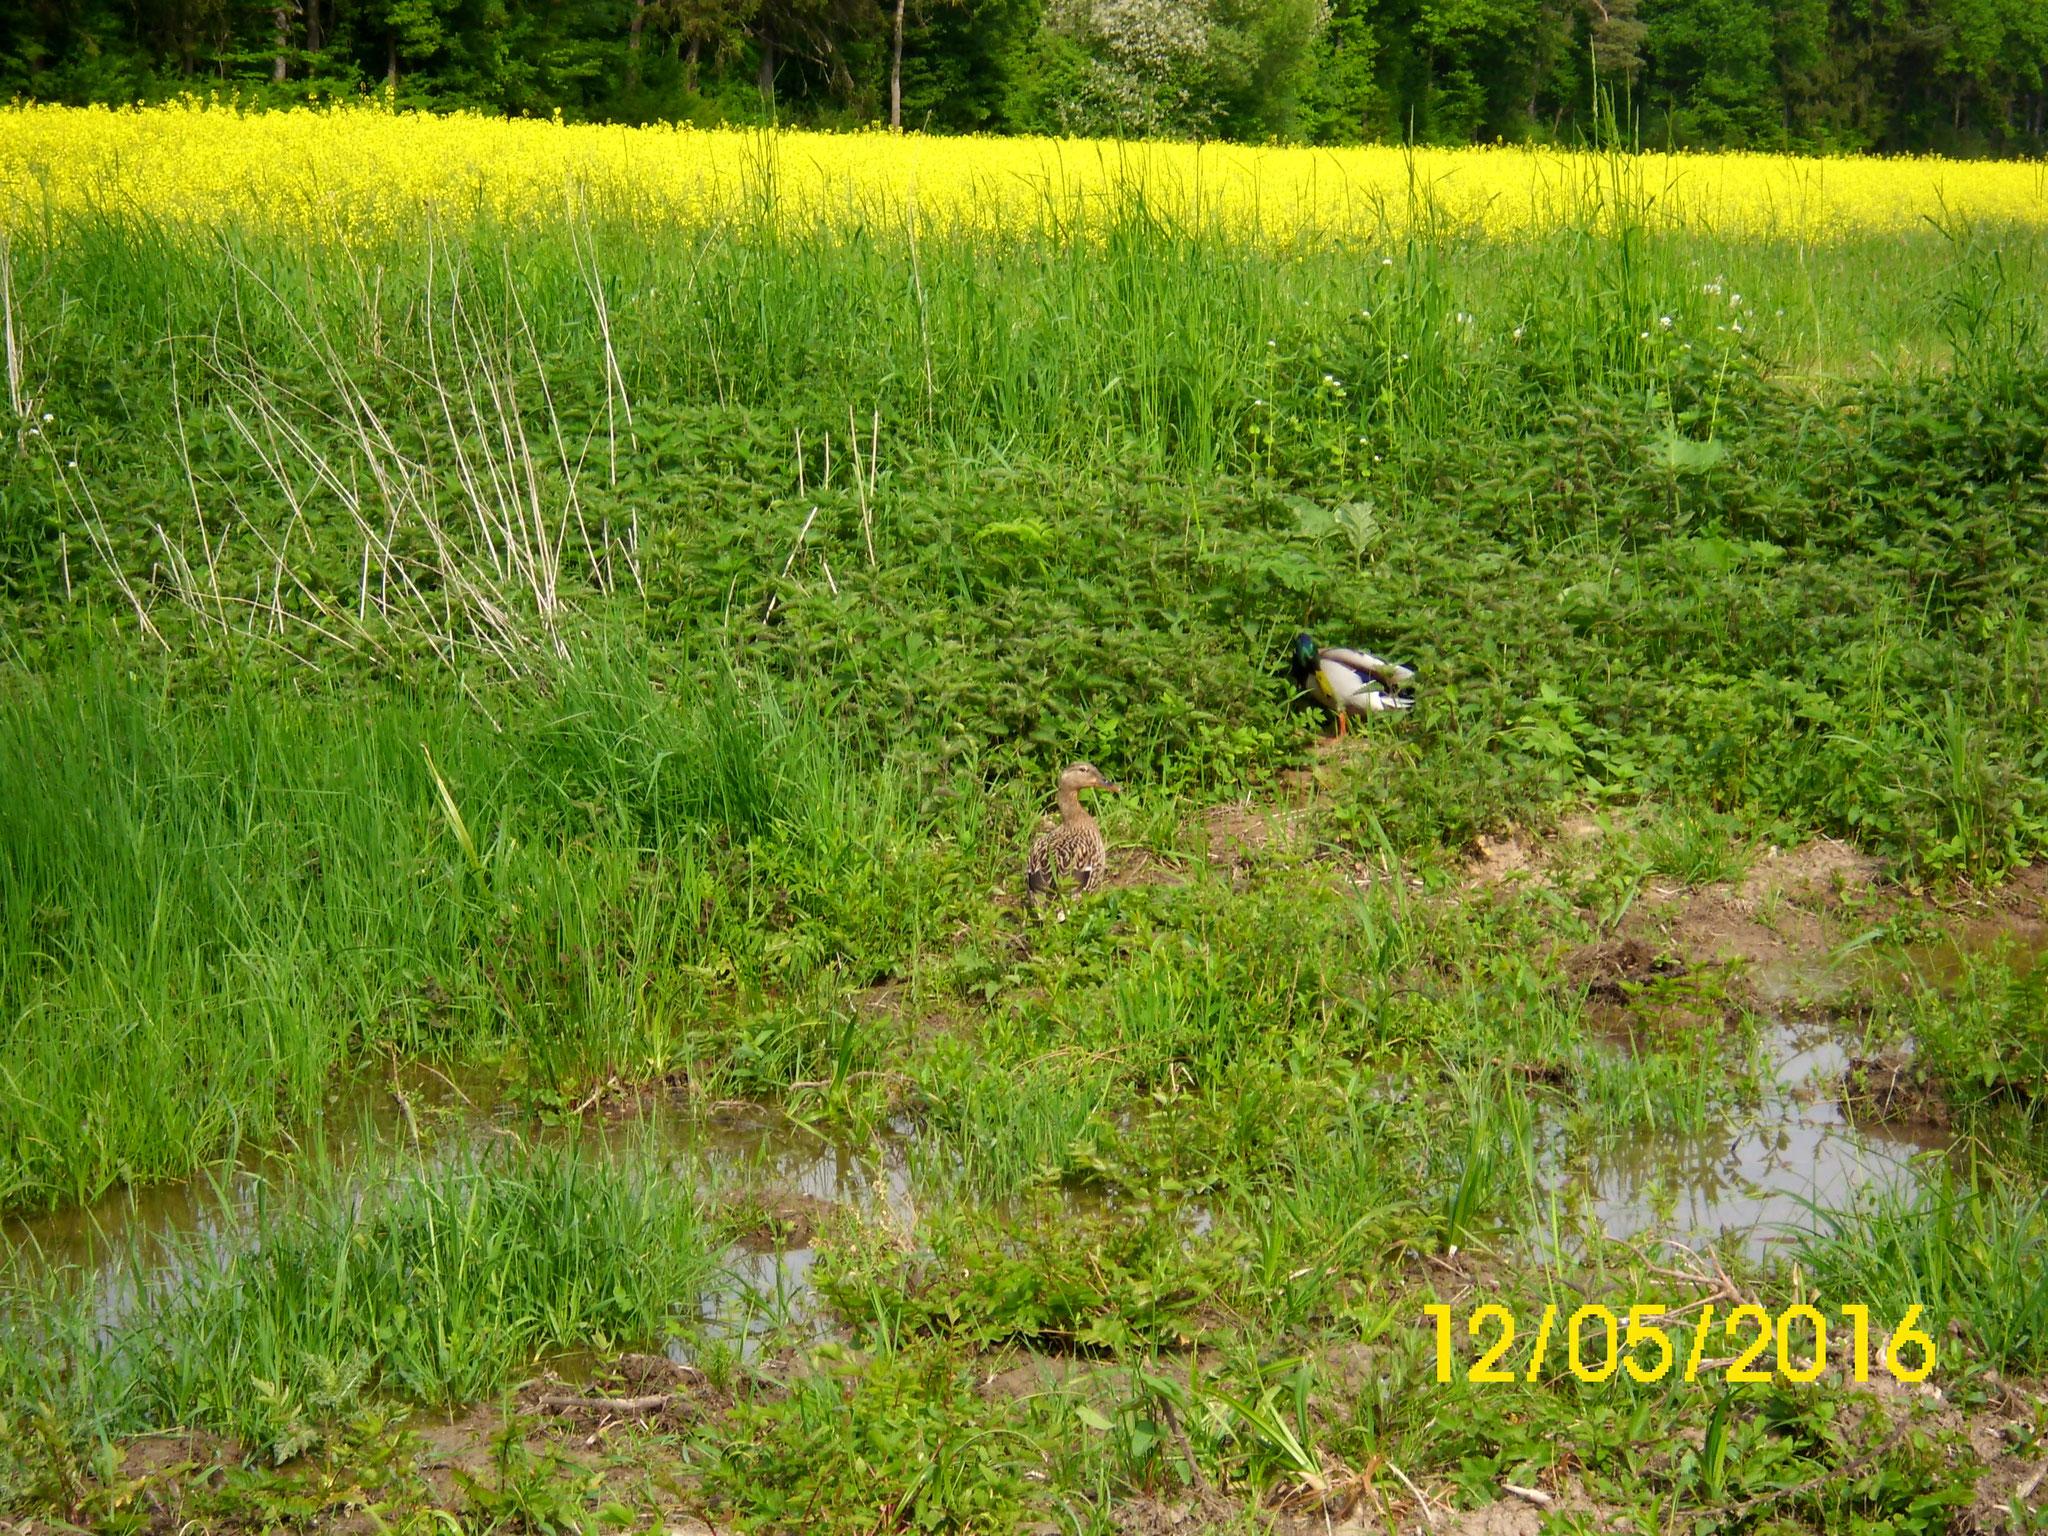 Da der untere Teich überläuft, hat sich dort eine Sumpfzone entwickelt.